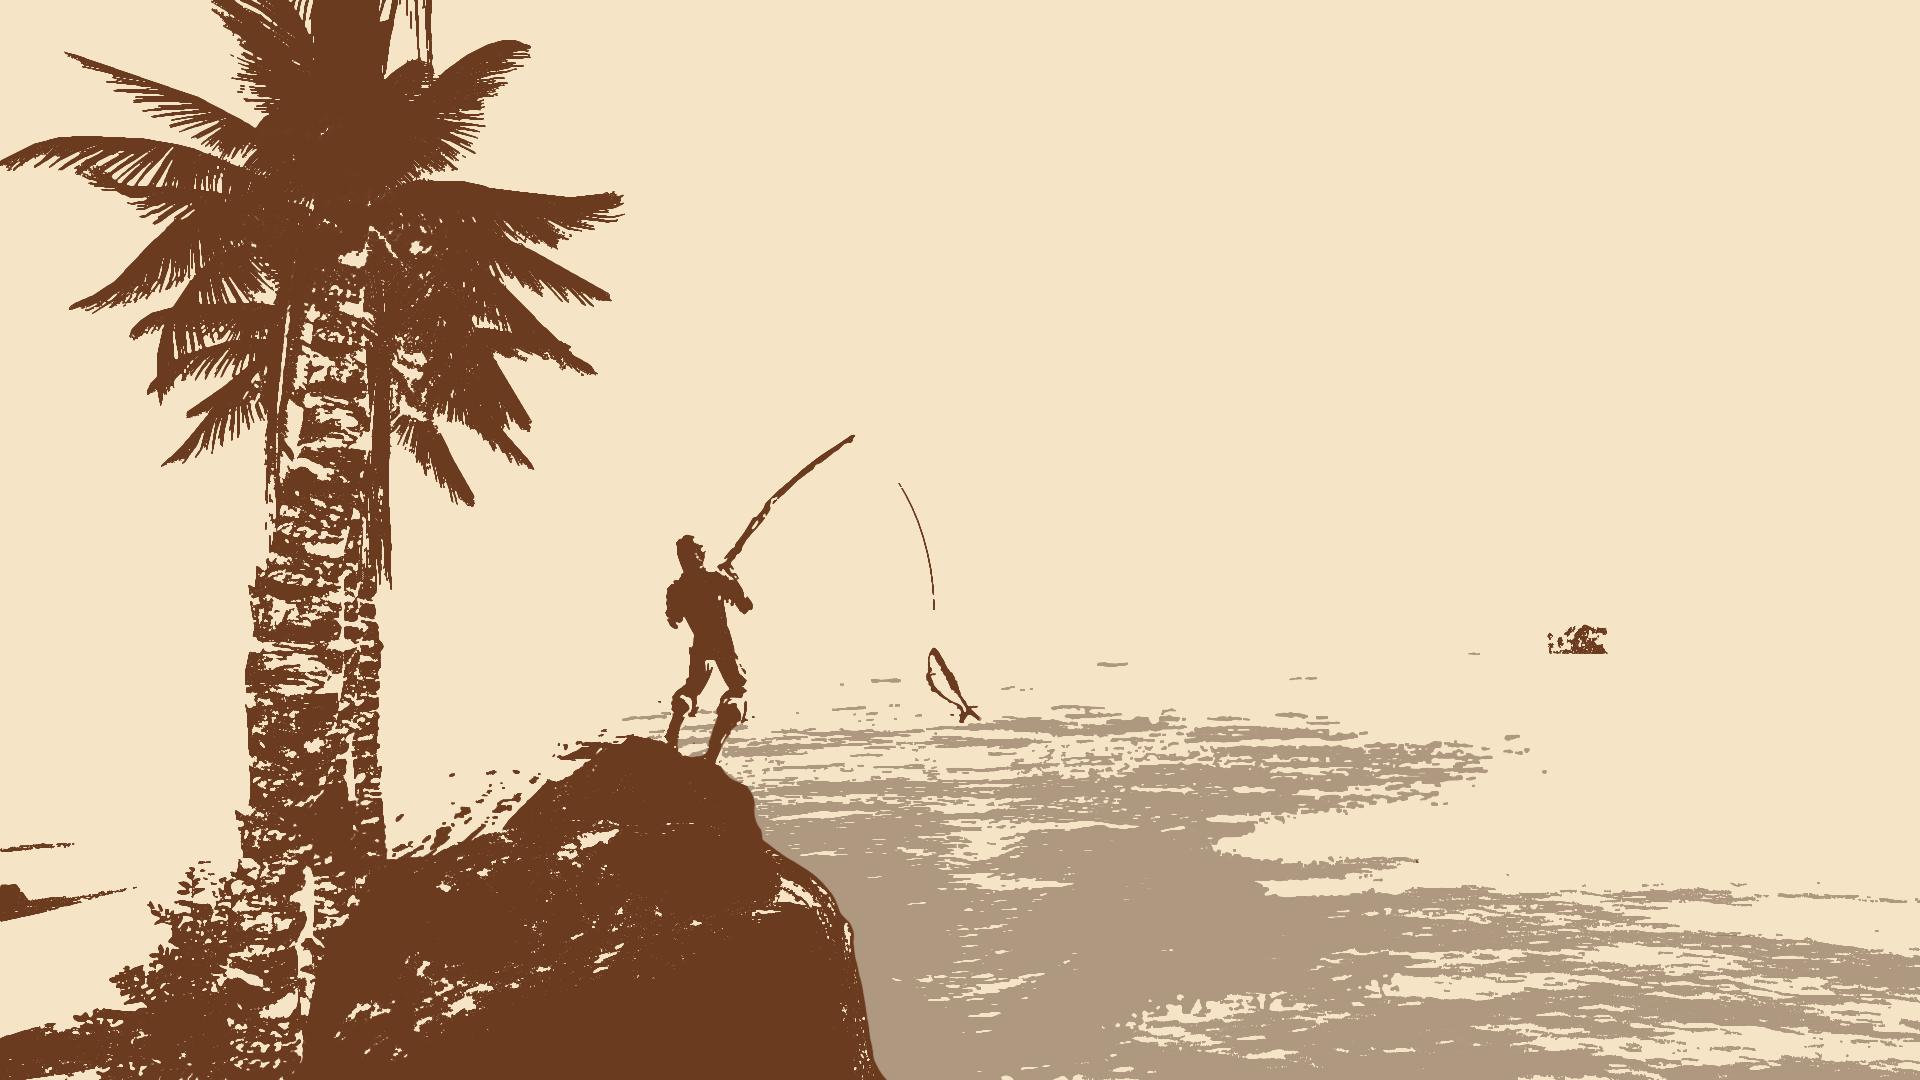 Fishing season is open!